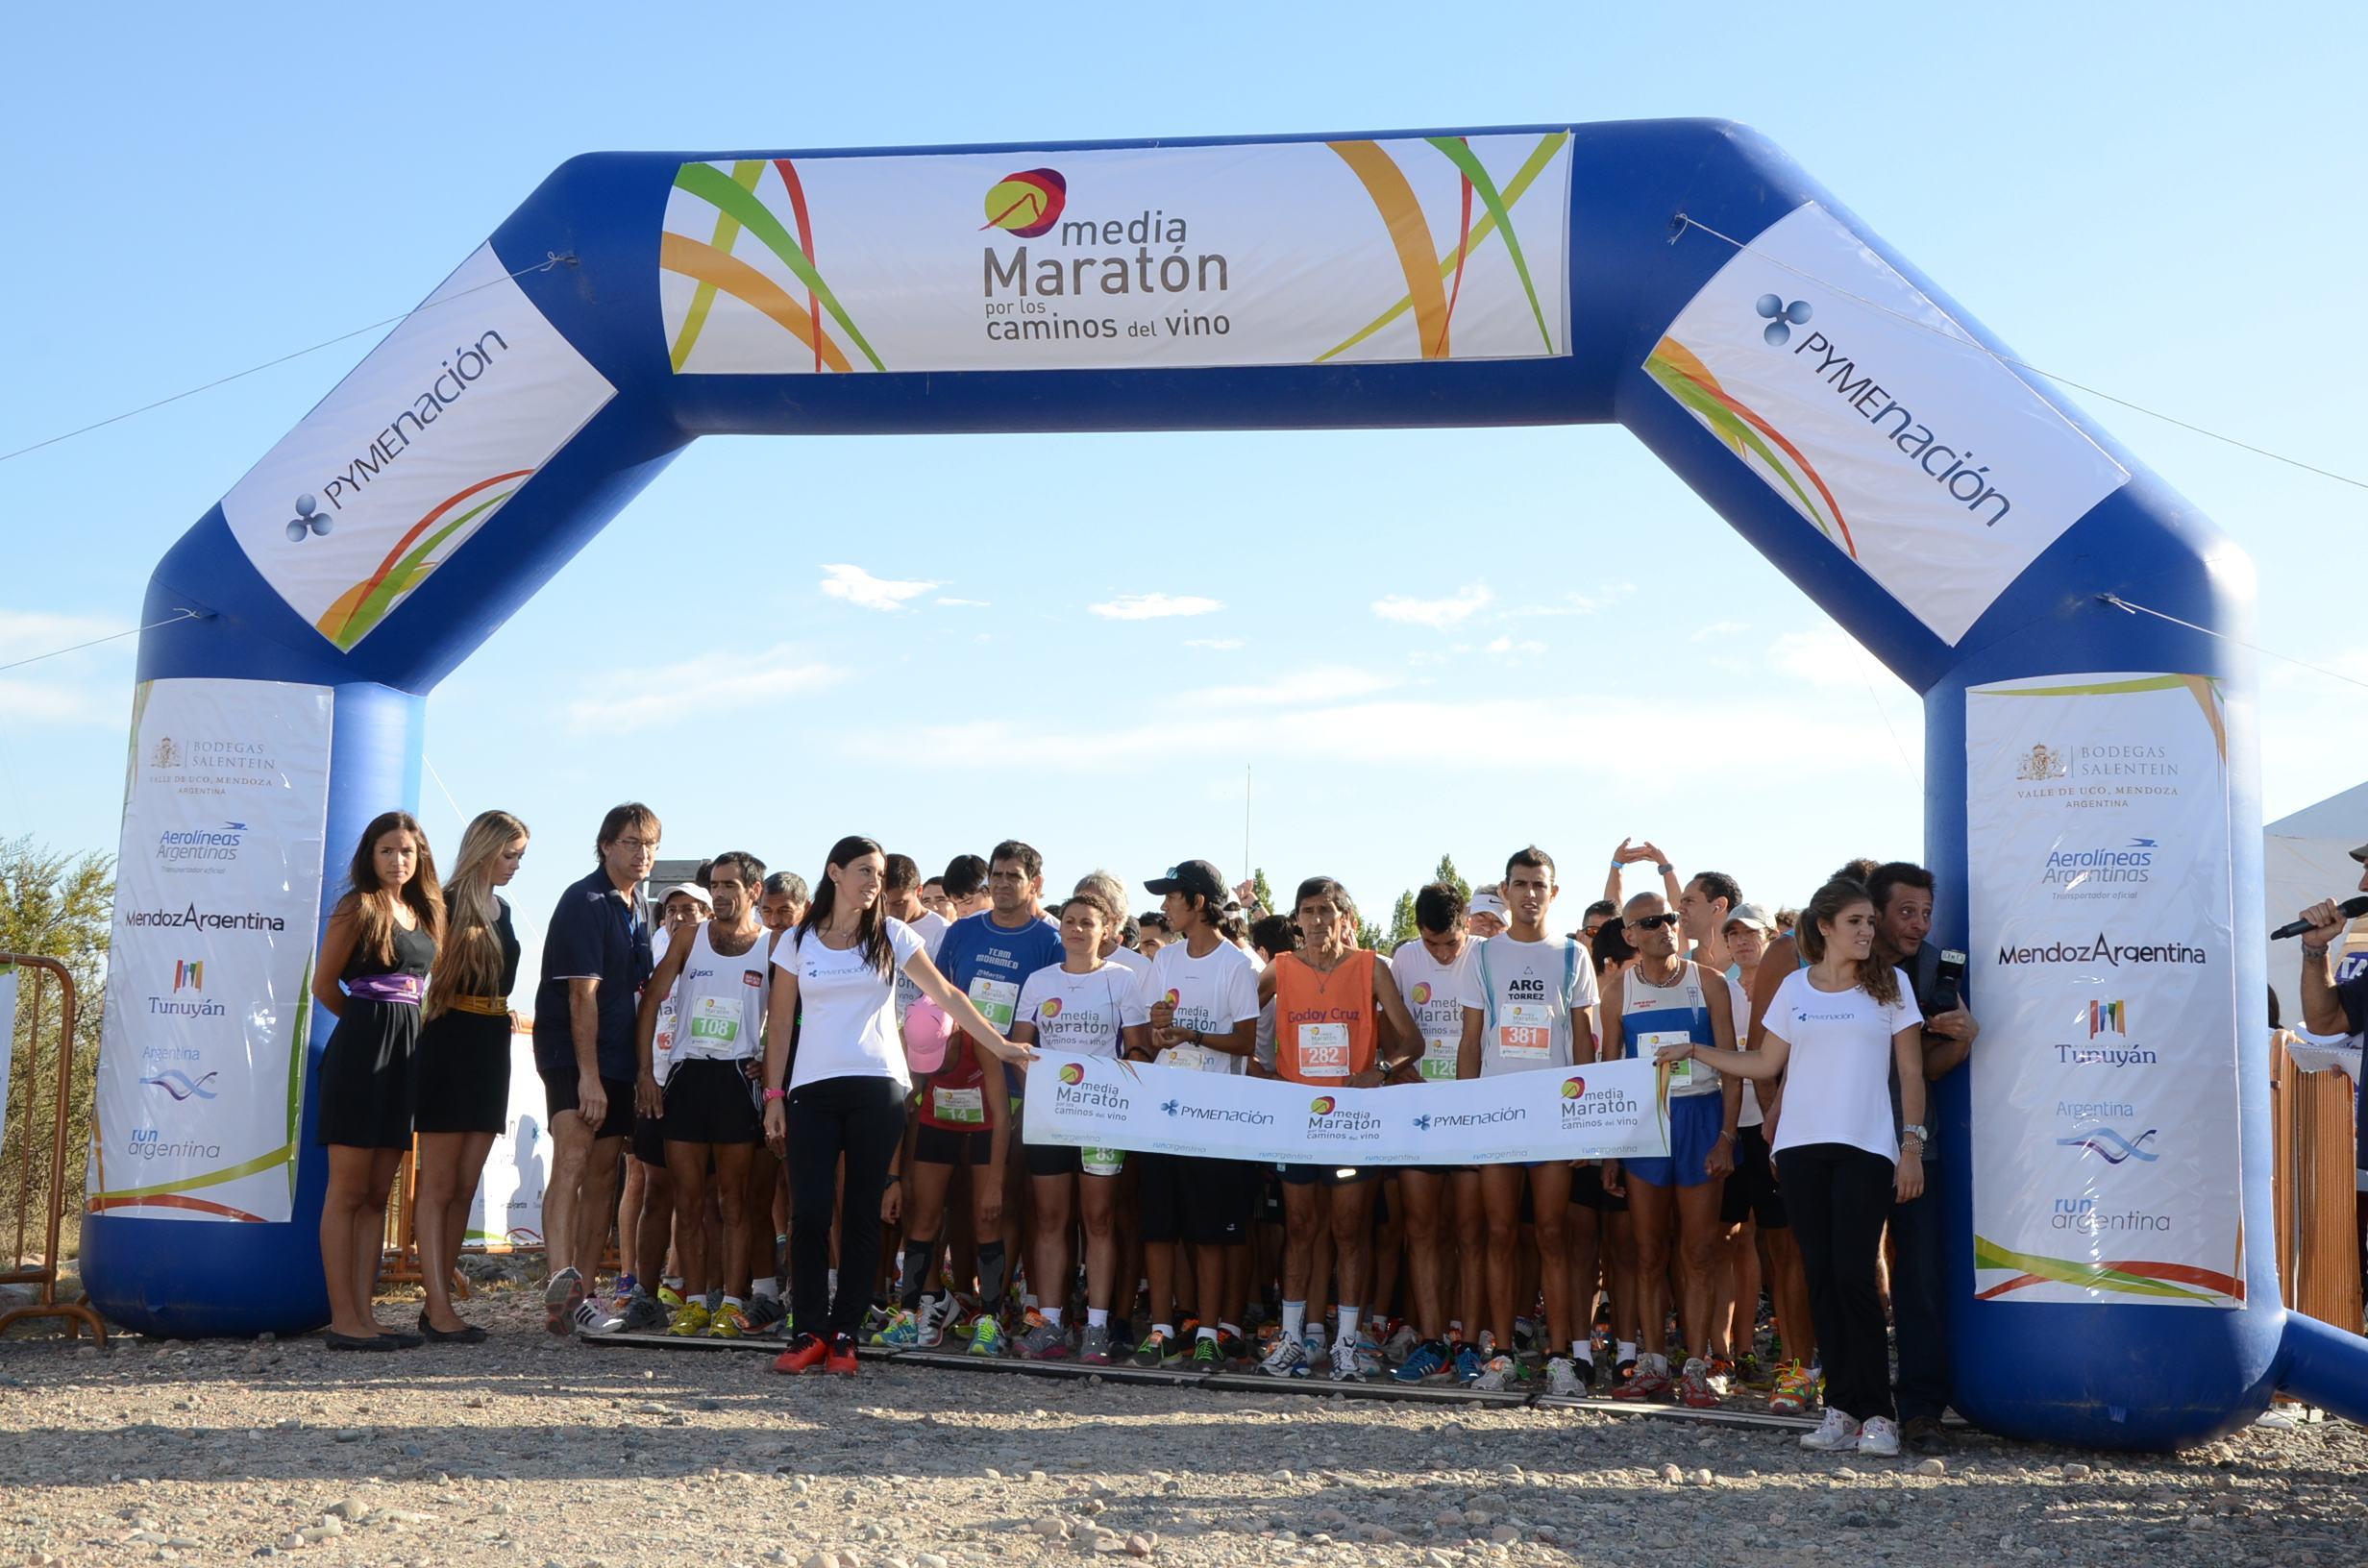 Salida del Medio Maratón por los Caminos del Vino 2013